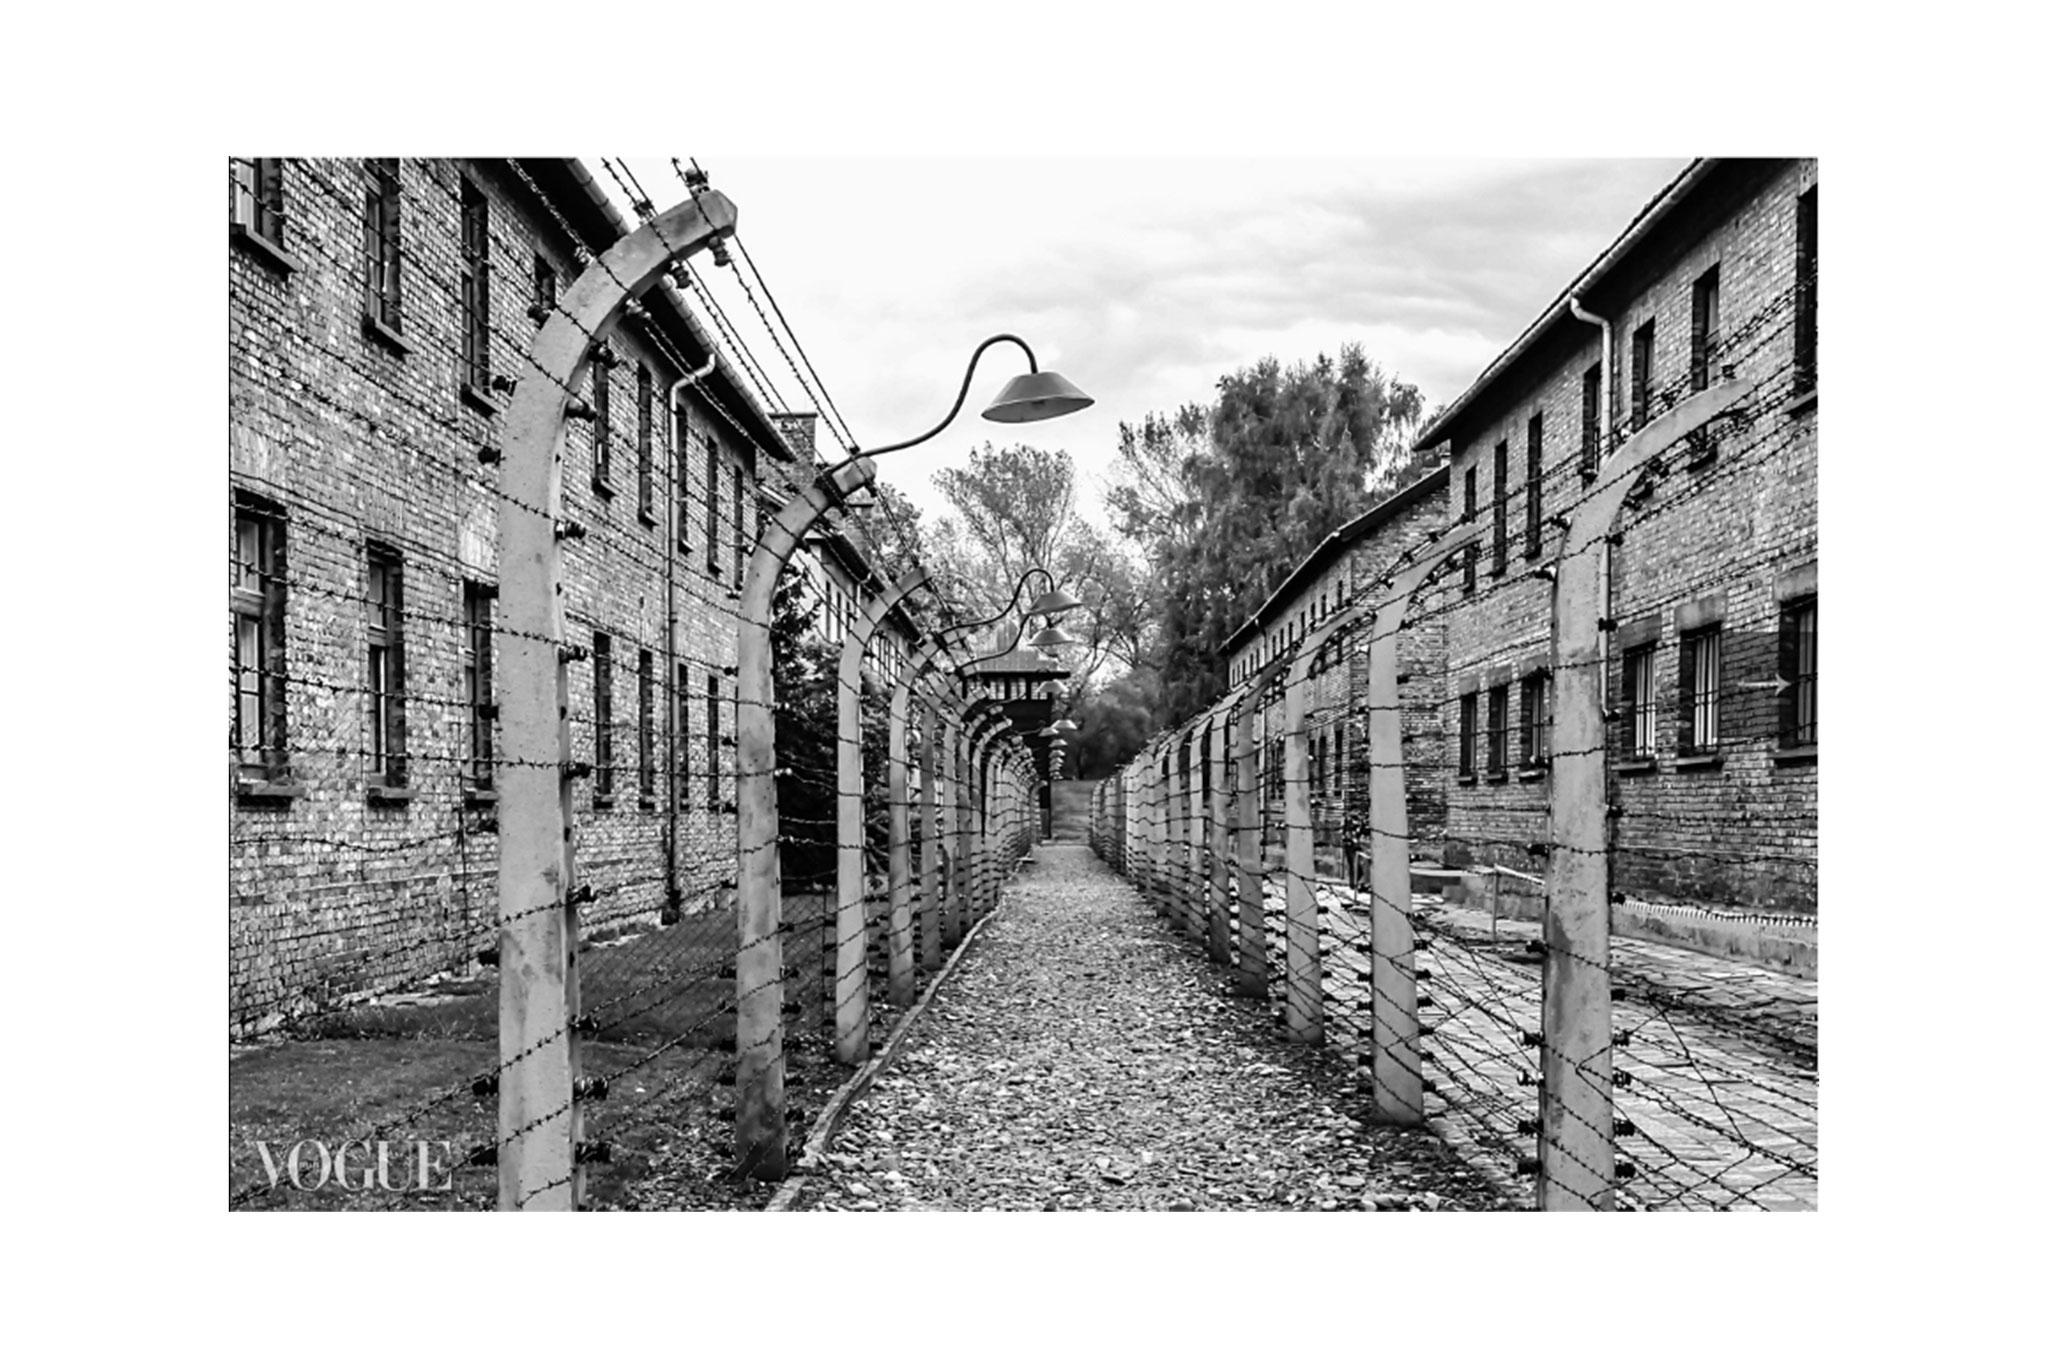 """""""Il silenzio dopo l'inferno"""", Per Non Dimenticare: Auschwitz. 27 Gennaio - Giorno Della Memoria ~ PhotoVogue Italia by VOGUE"""